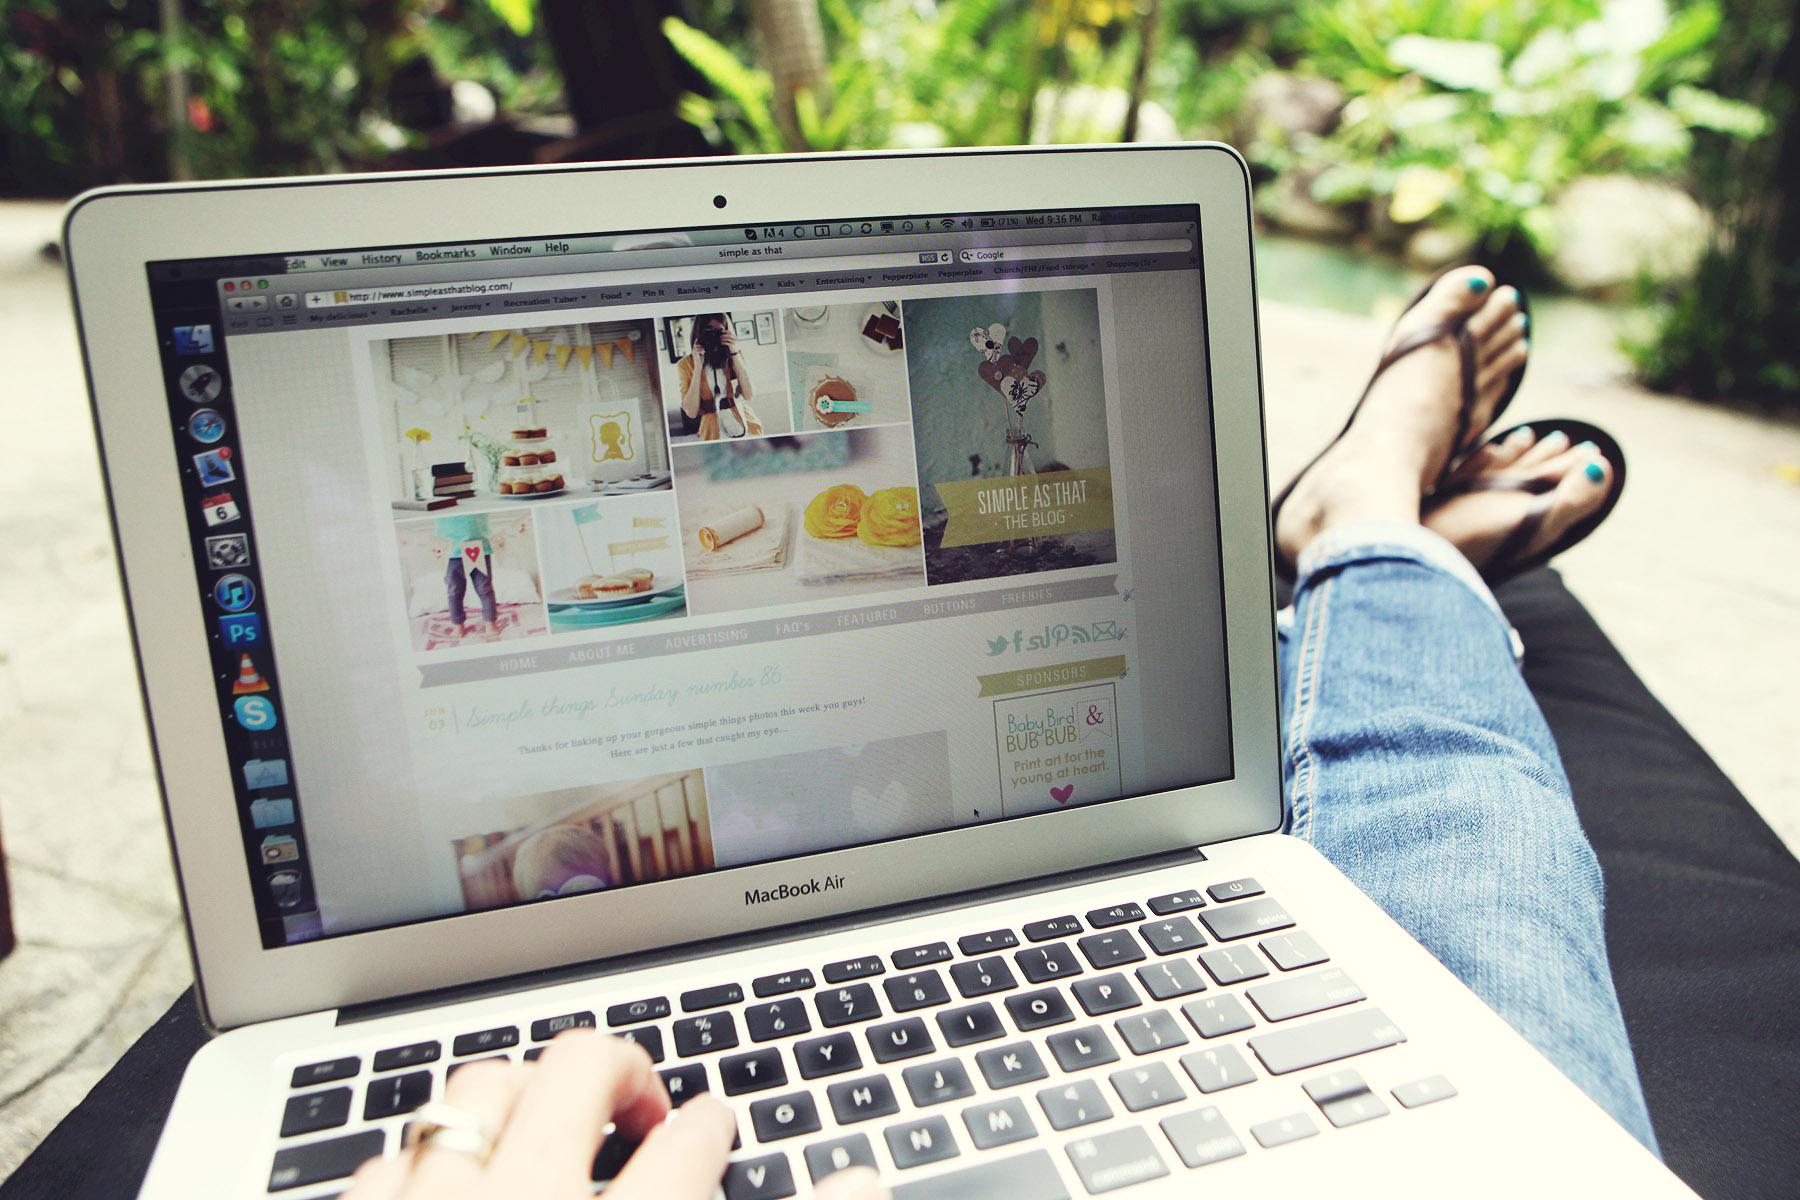 Blogging kerana minat atau nak jadi kaya?